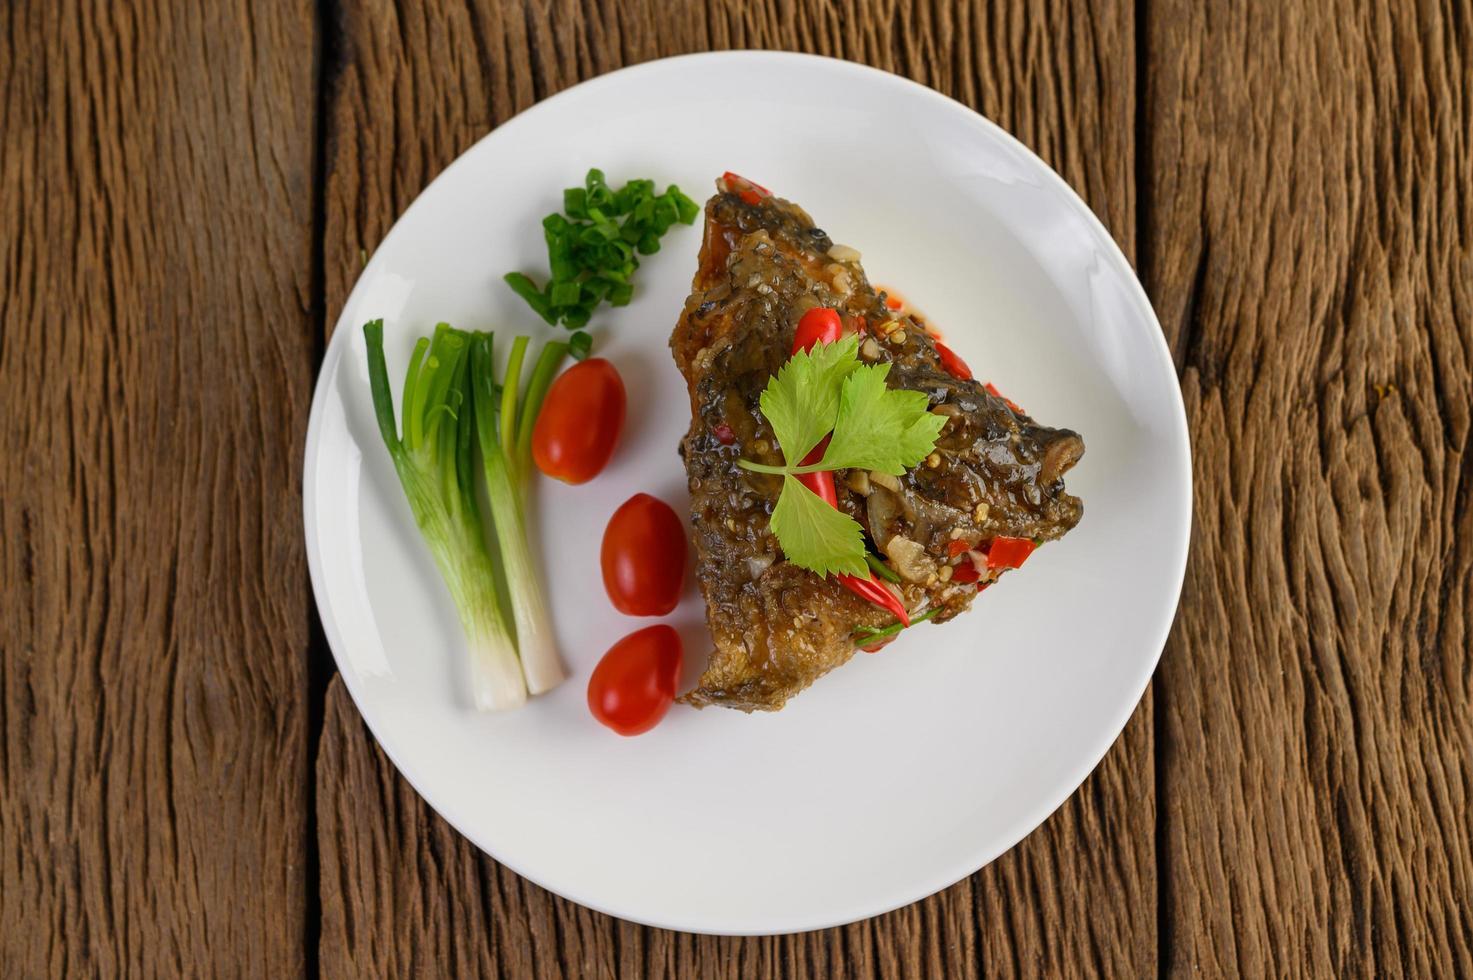 Cabeza de pescado frito cubierto con chiles en una placa blanca. foto